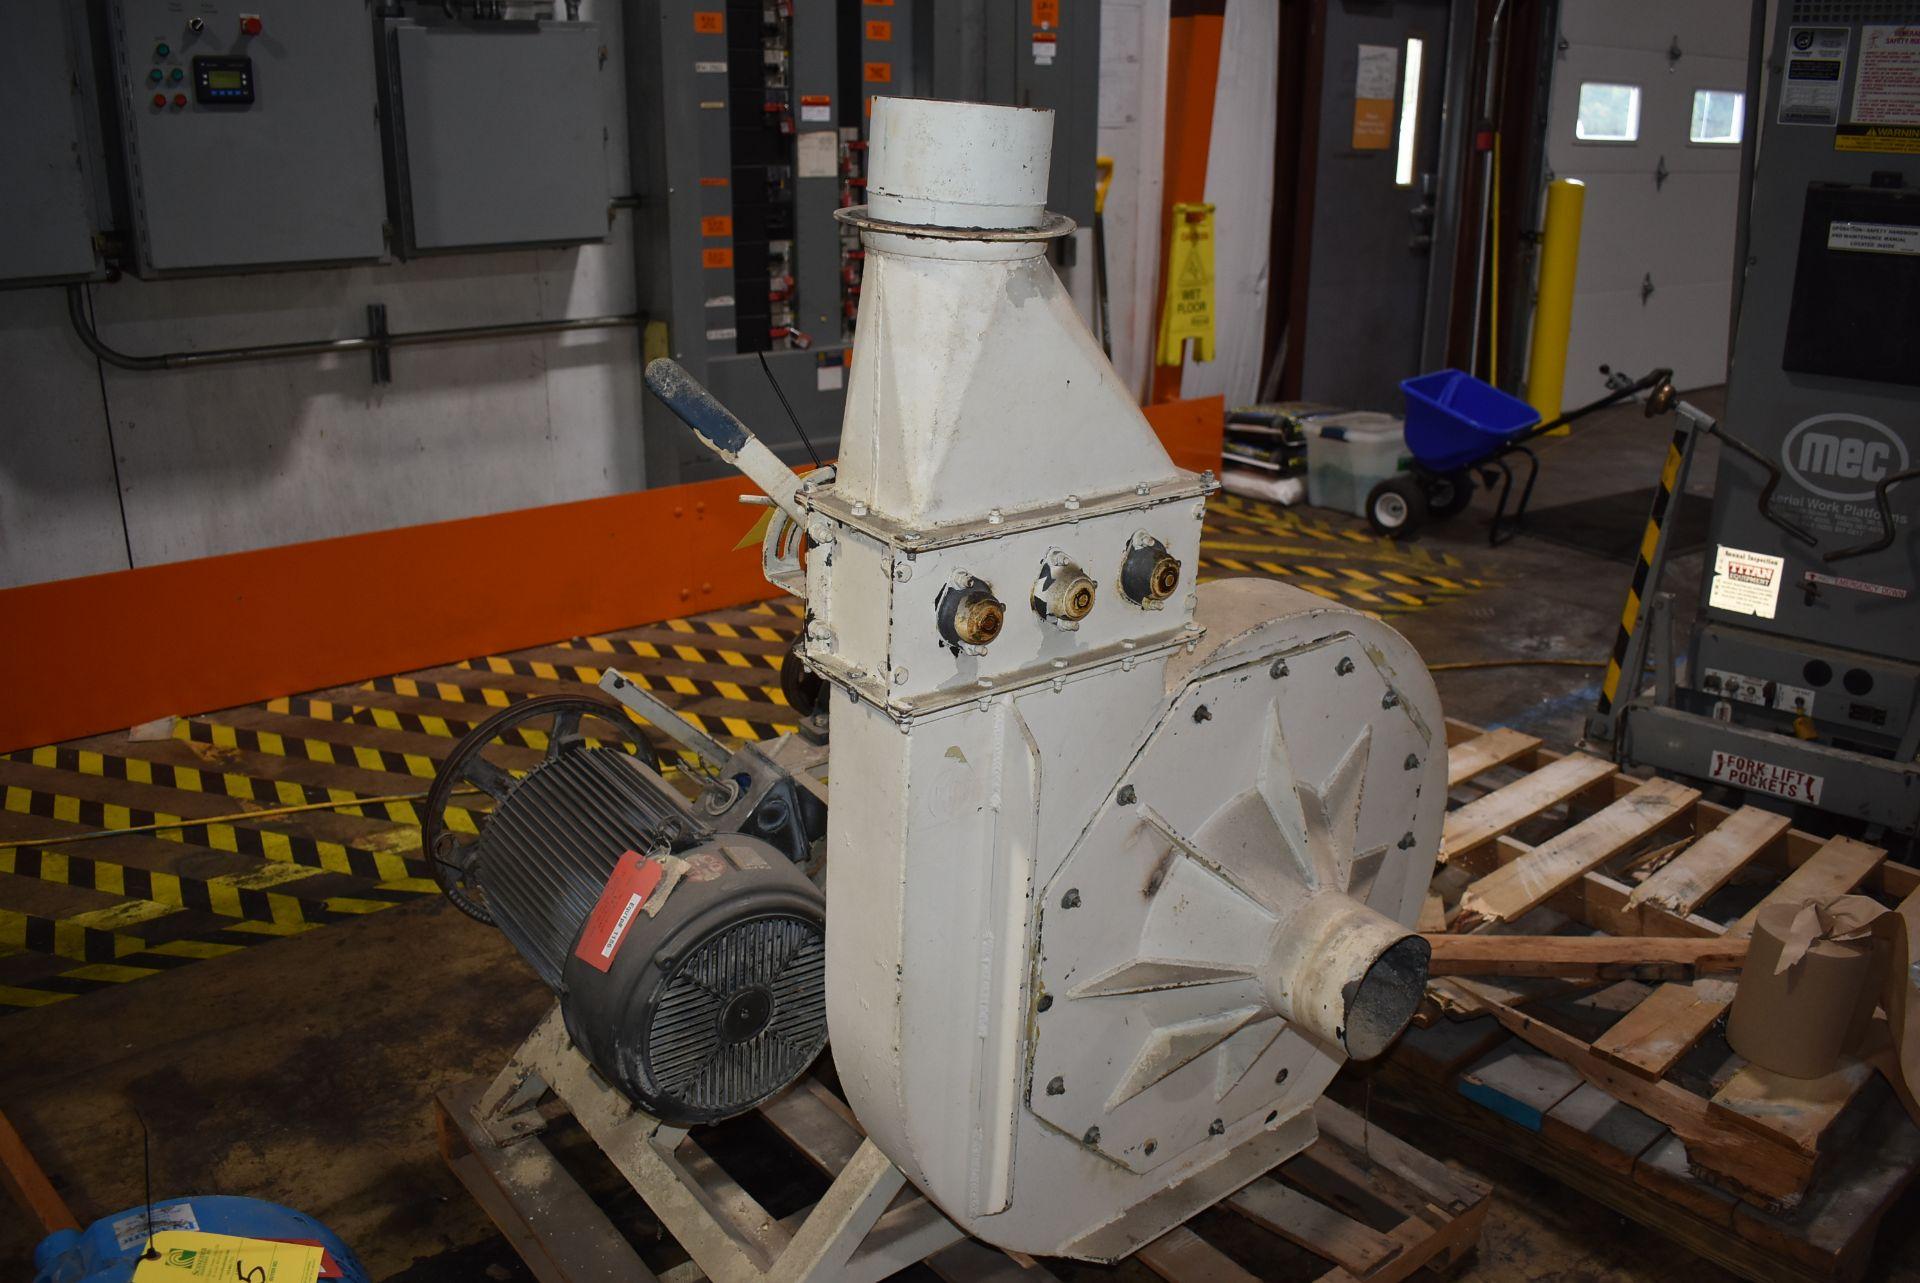 Kice Model #FC13W12-W8 Blower Unit, 15 HP Motor - Image 3 of 3